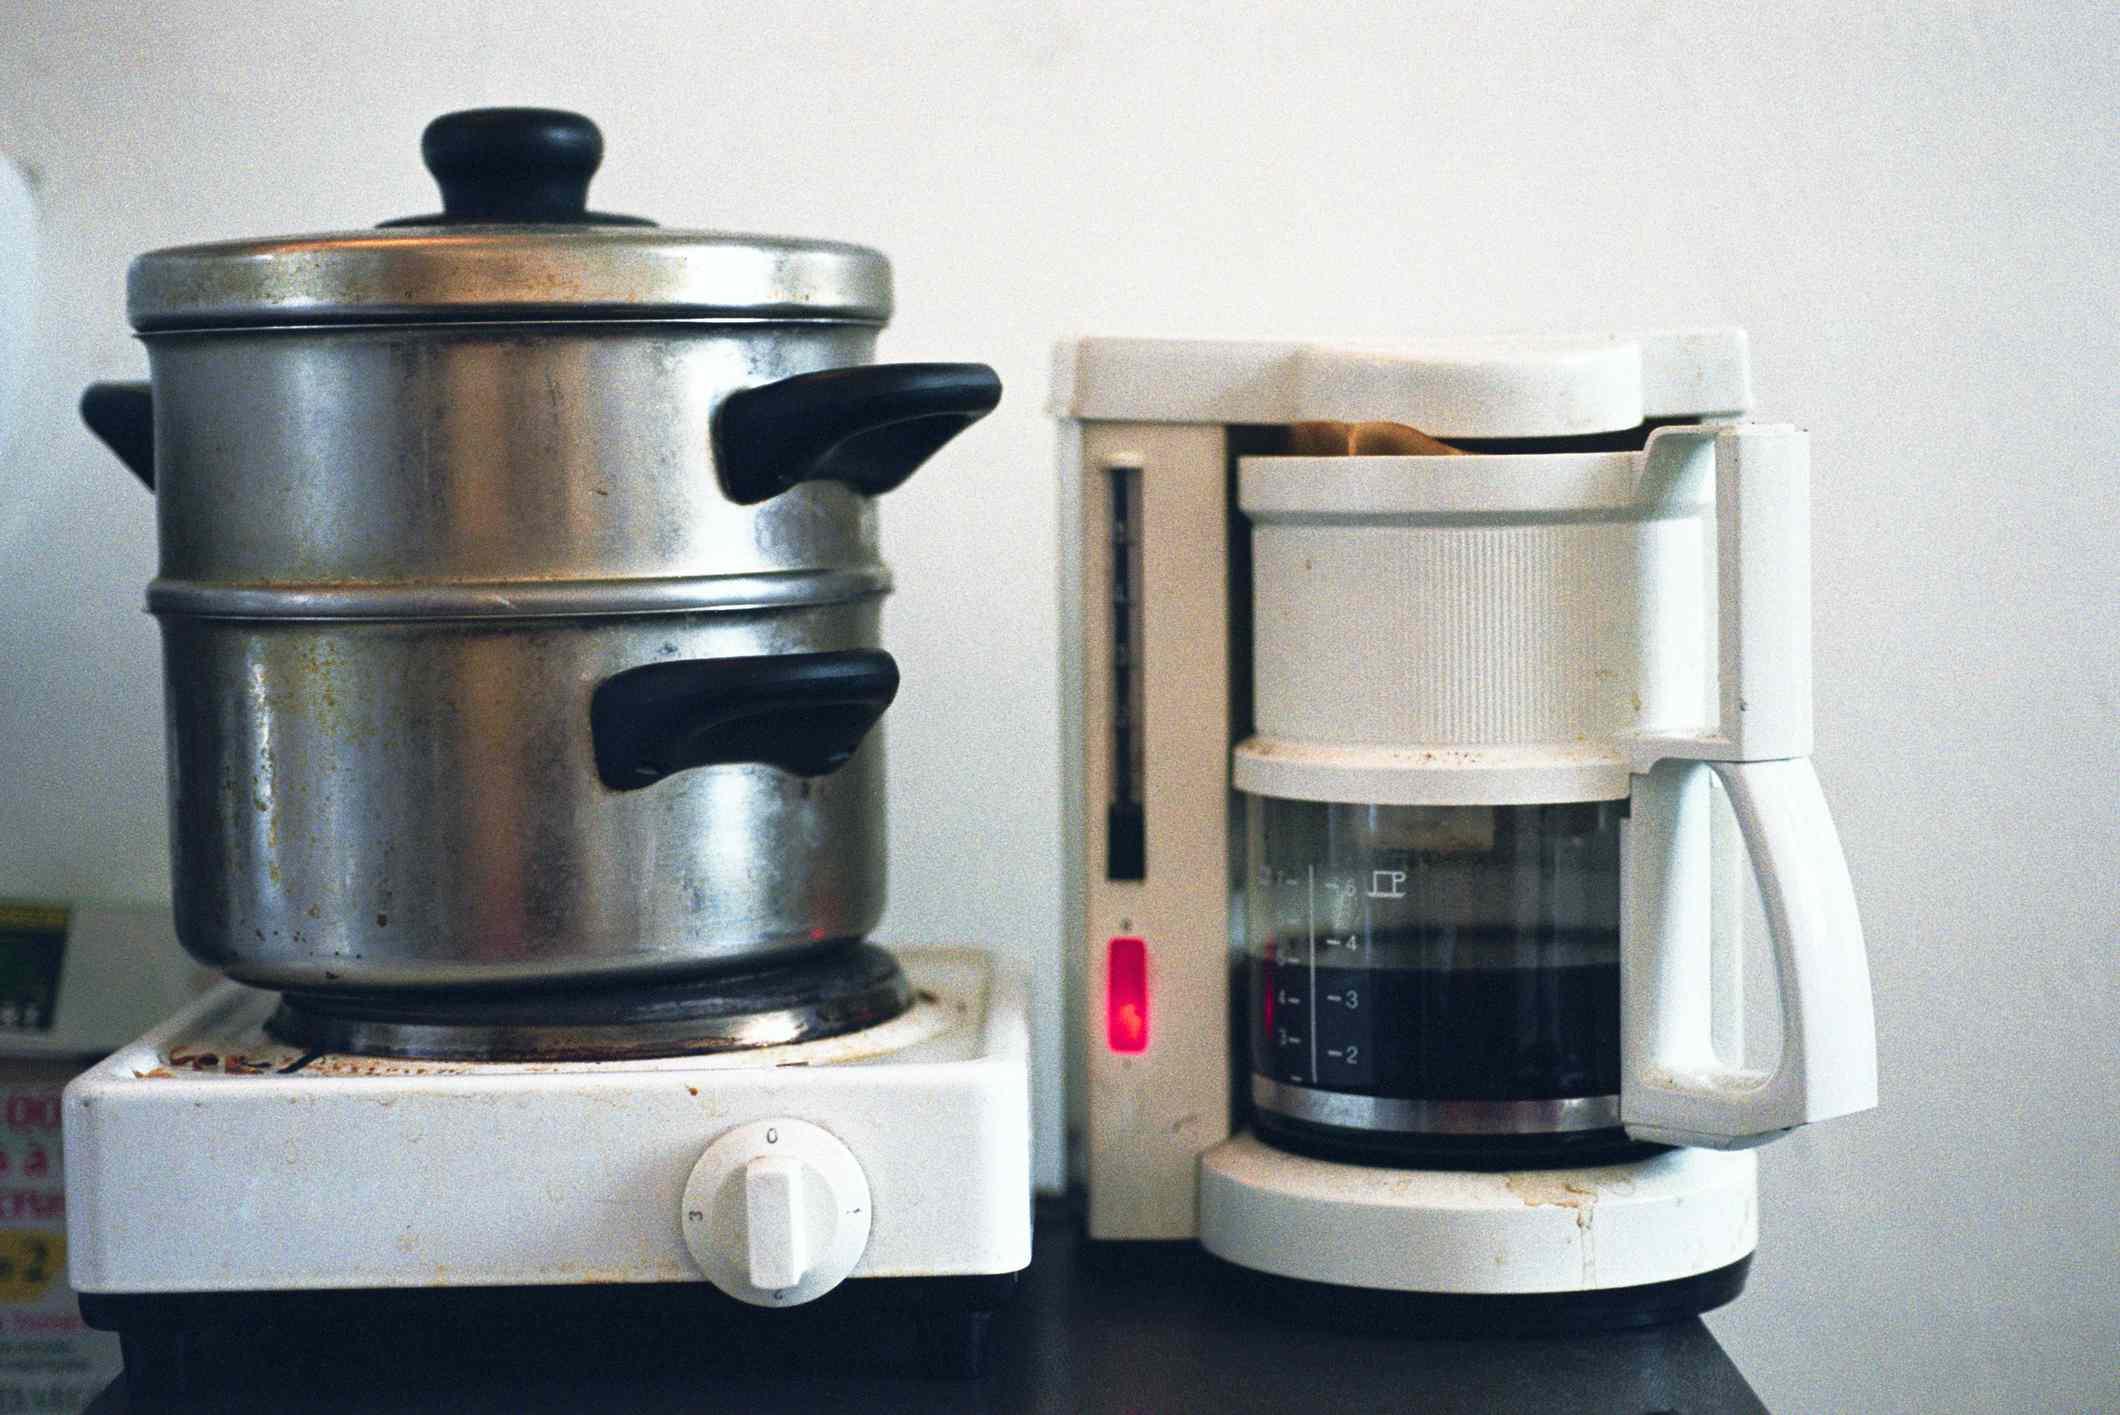 Hot plate an coffee maker